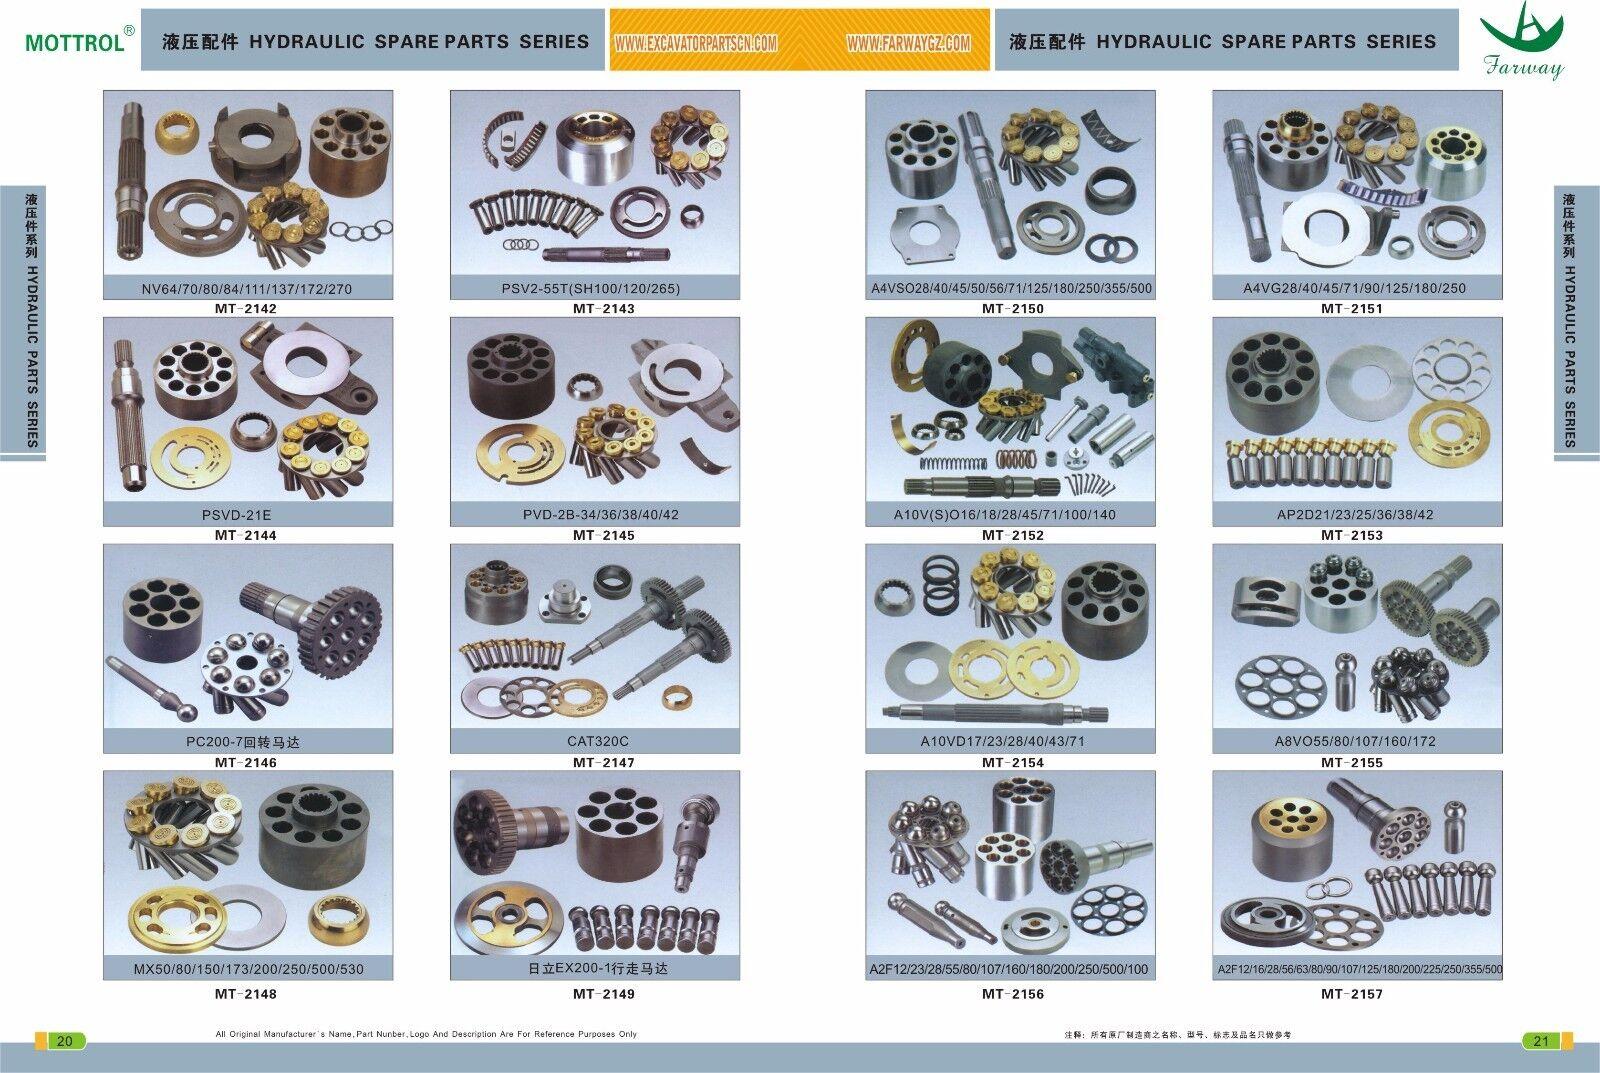 9102256 9114686 9115733 EX200-2 Relief Valve For HITACHI Excavator TRAVEL MOTOR - $199.99